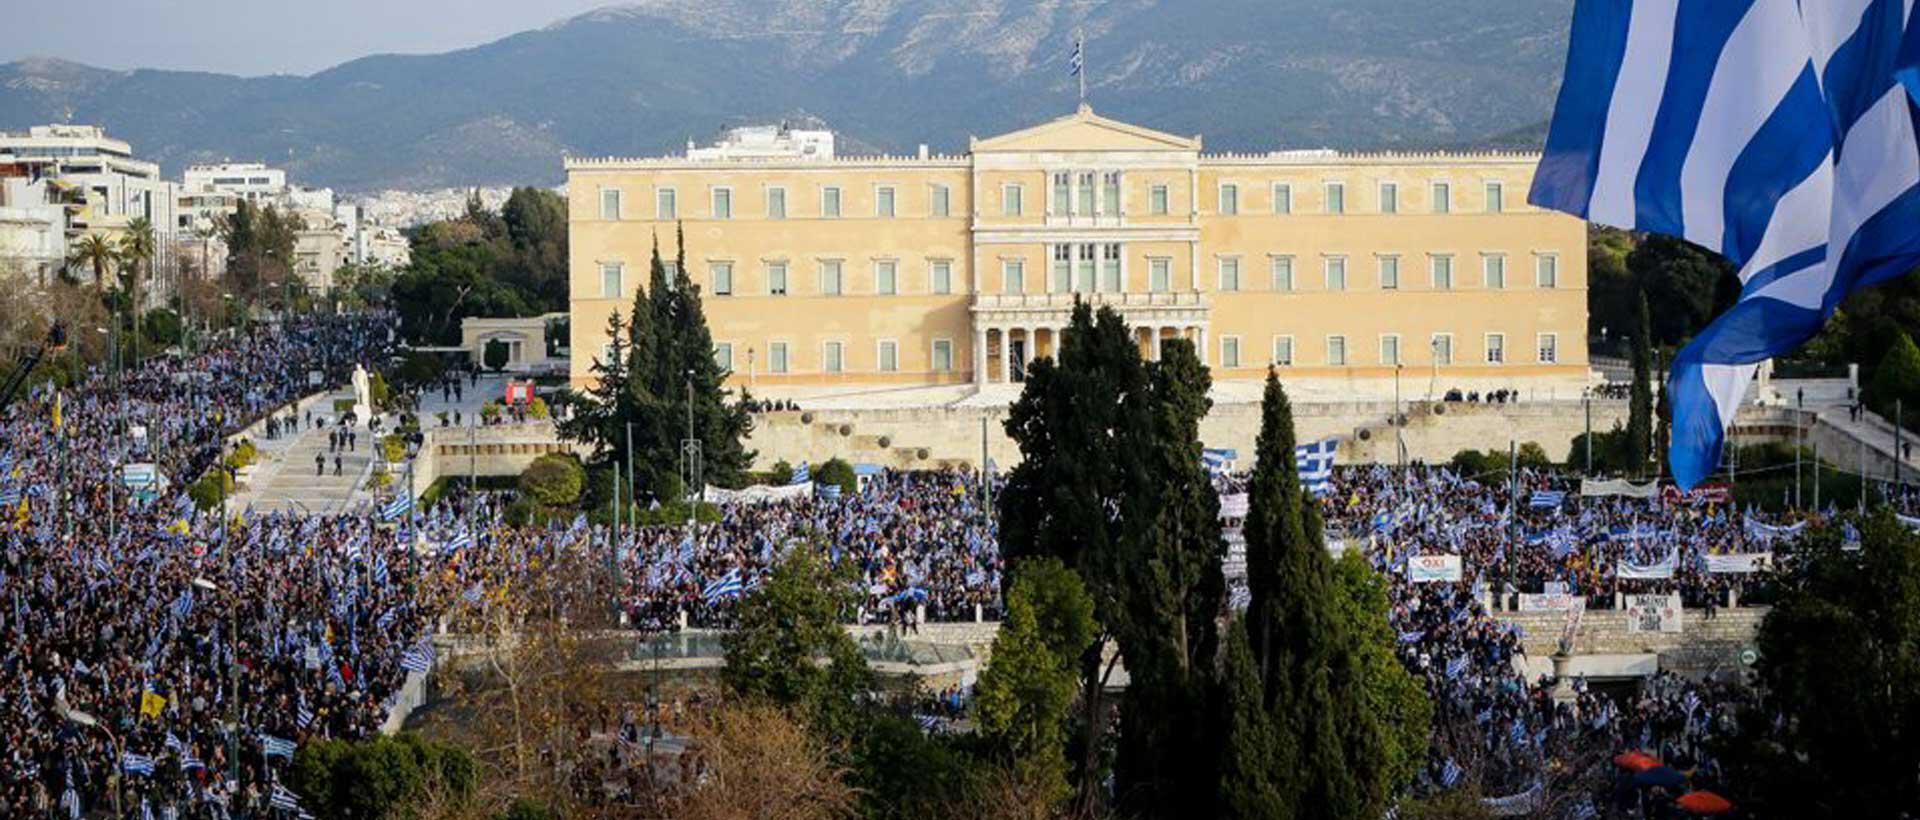 Συλλαλητήριο για τη Μακεδονία: Οι διοργανωτές περιμένουν πάνω από 3.000 λεωφορεία